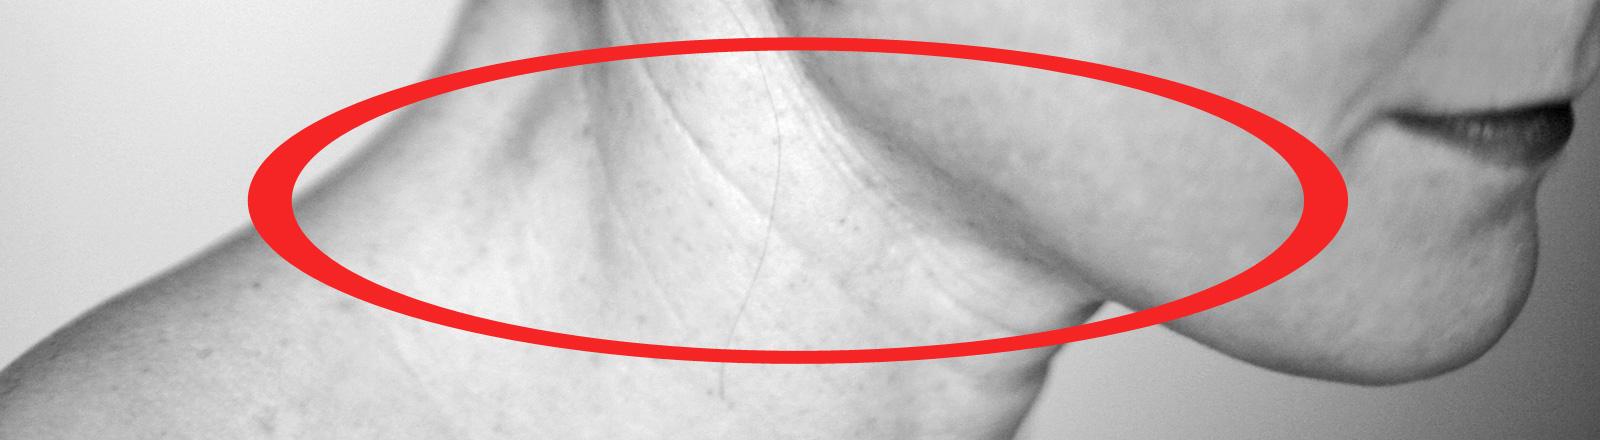 Schwarz-Weiß-Foto: Ein Frauenhals im Profil mit Falten. Die Falten markiert einer roter Kreis.